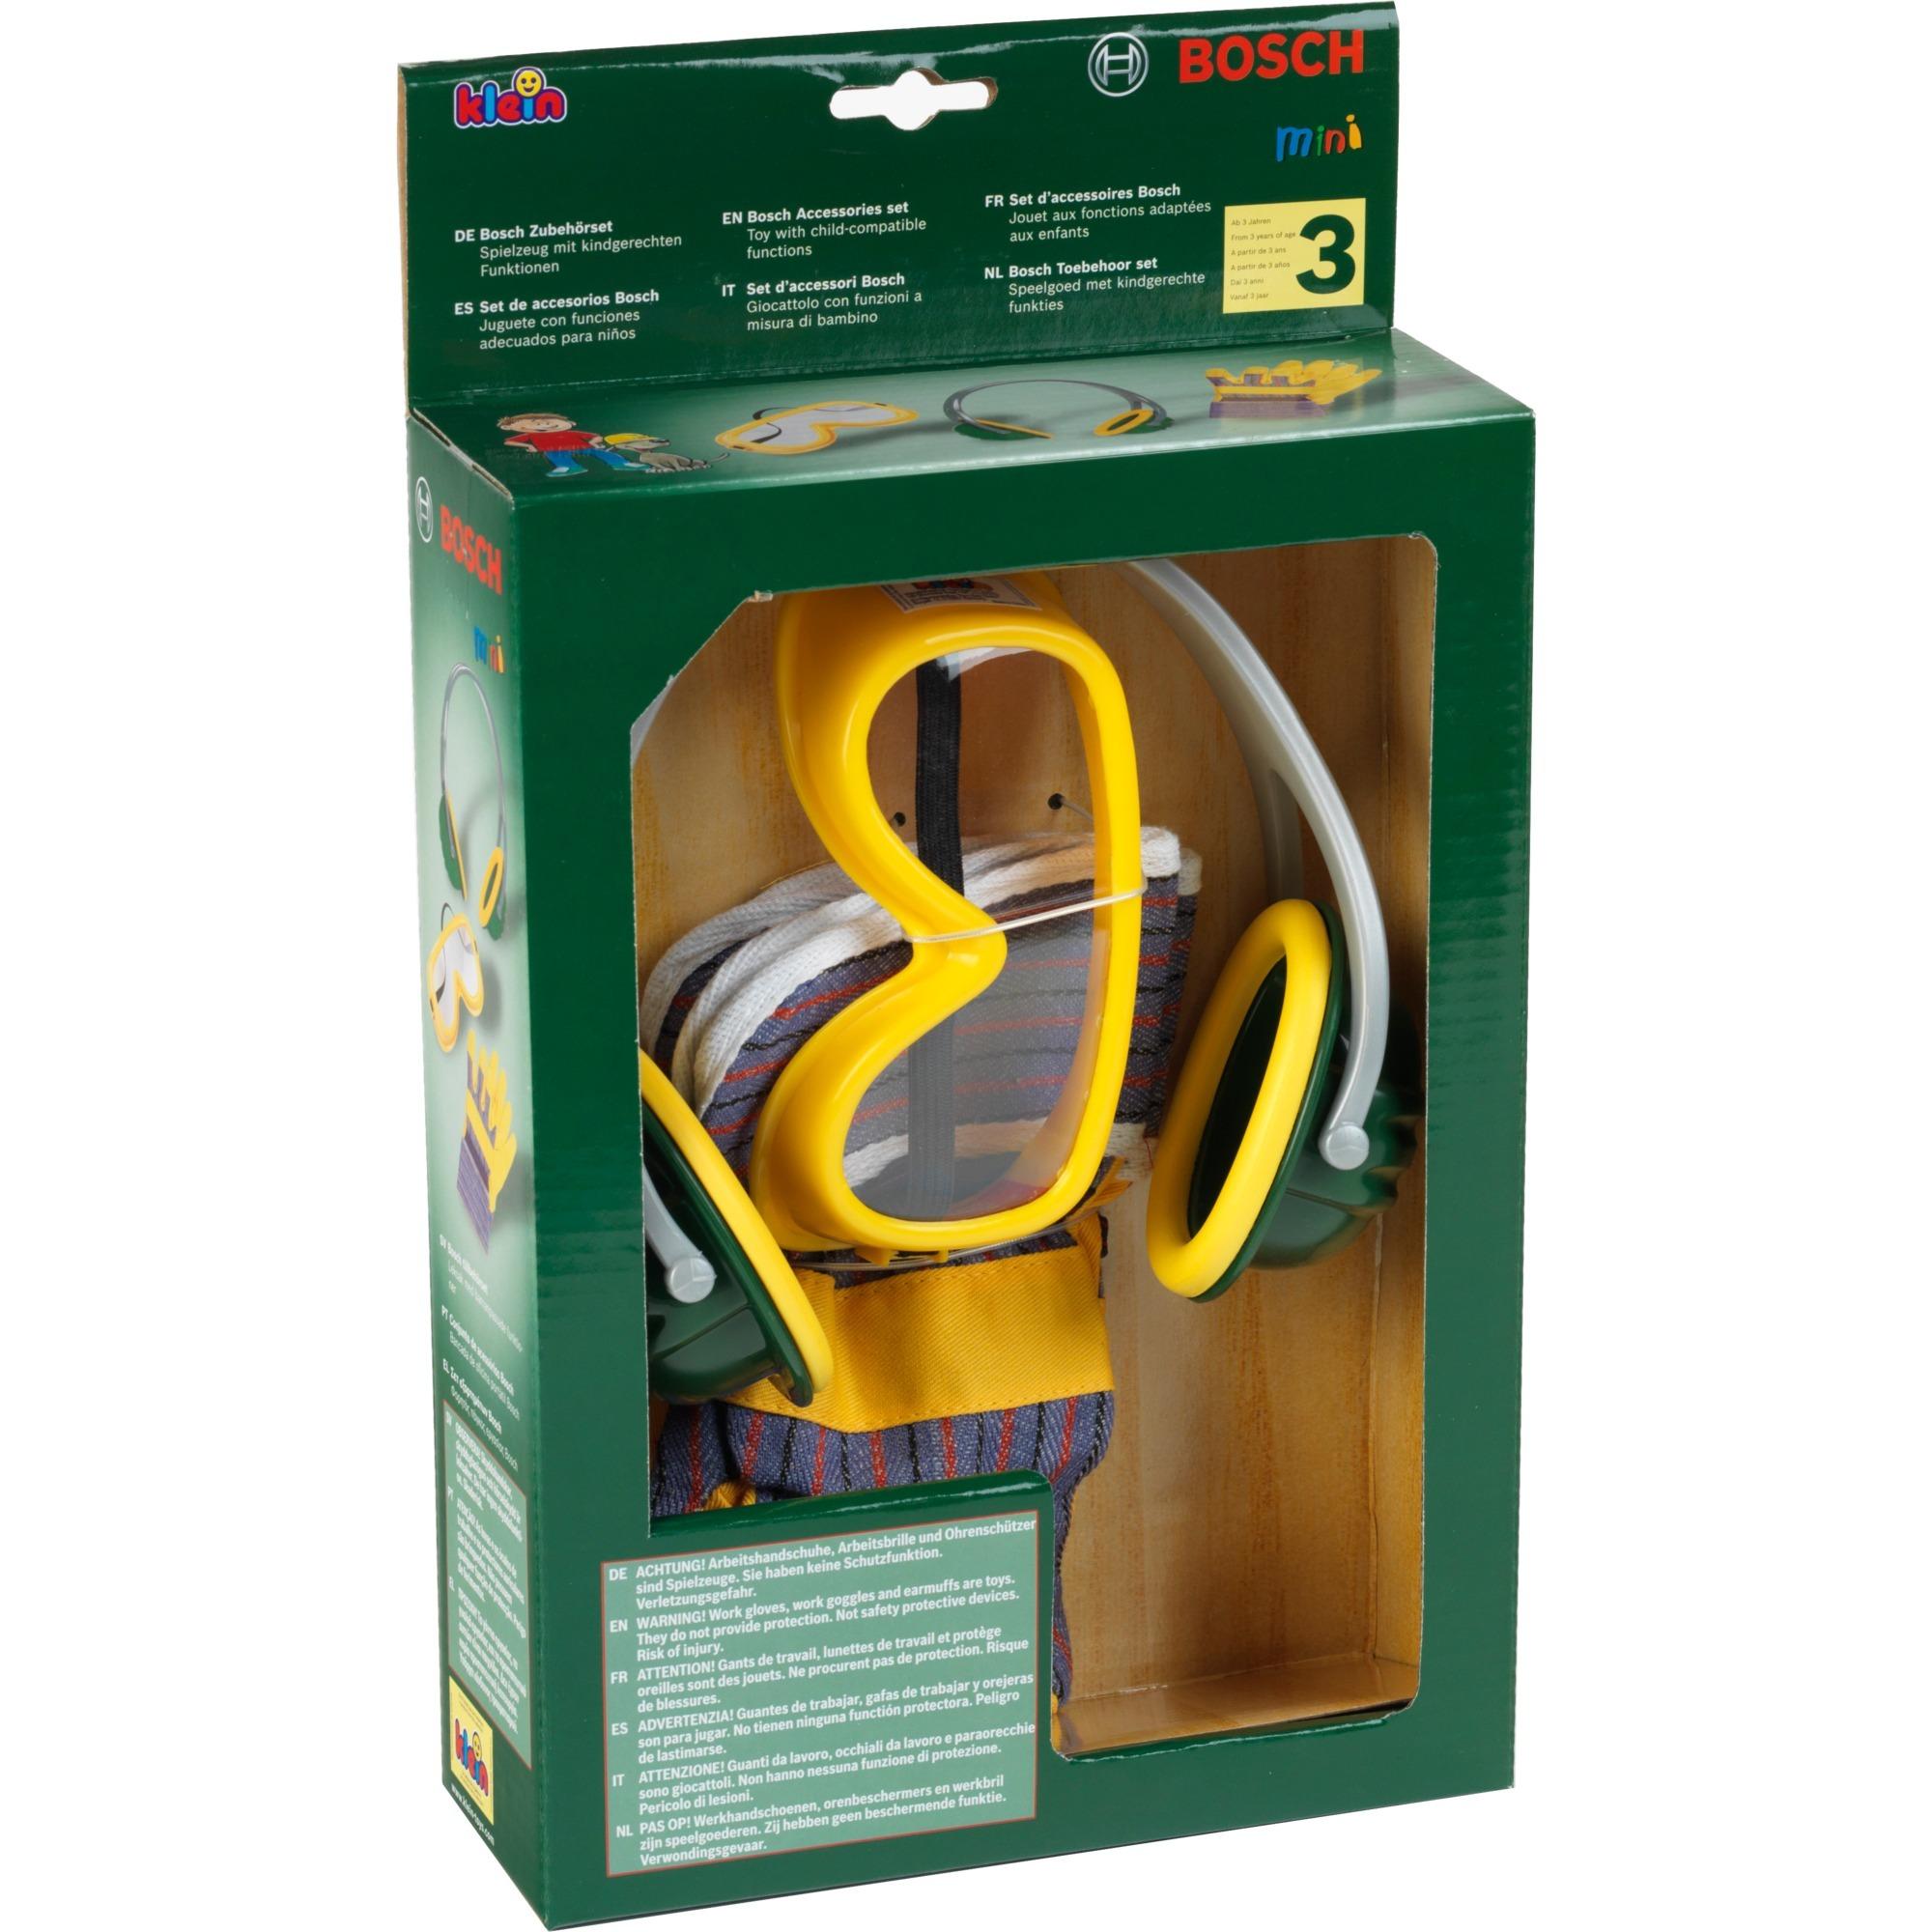 Jeu d'imitation - Set d'accessoires Bosch, 3 pièces, Outils pour enfants